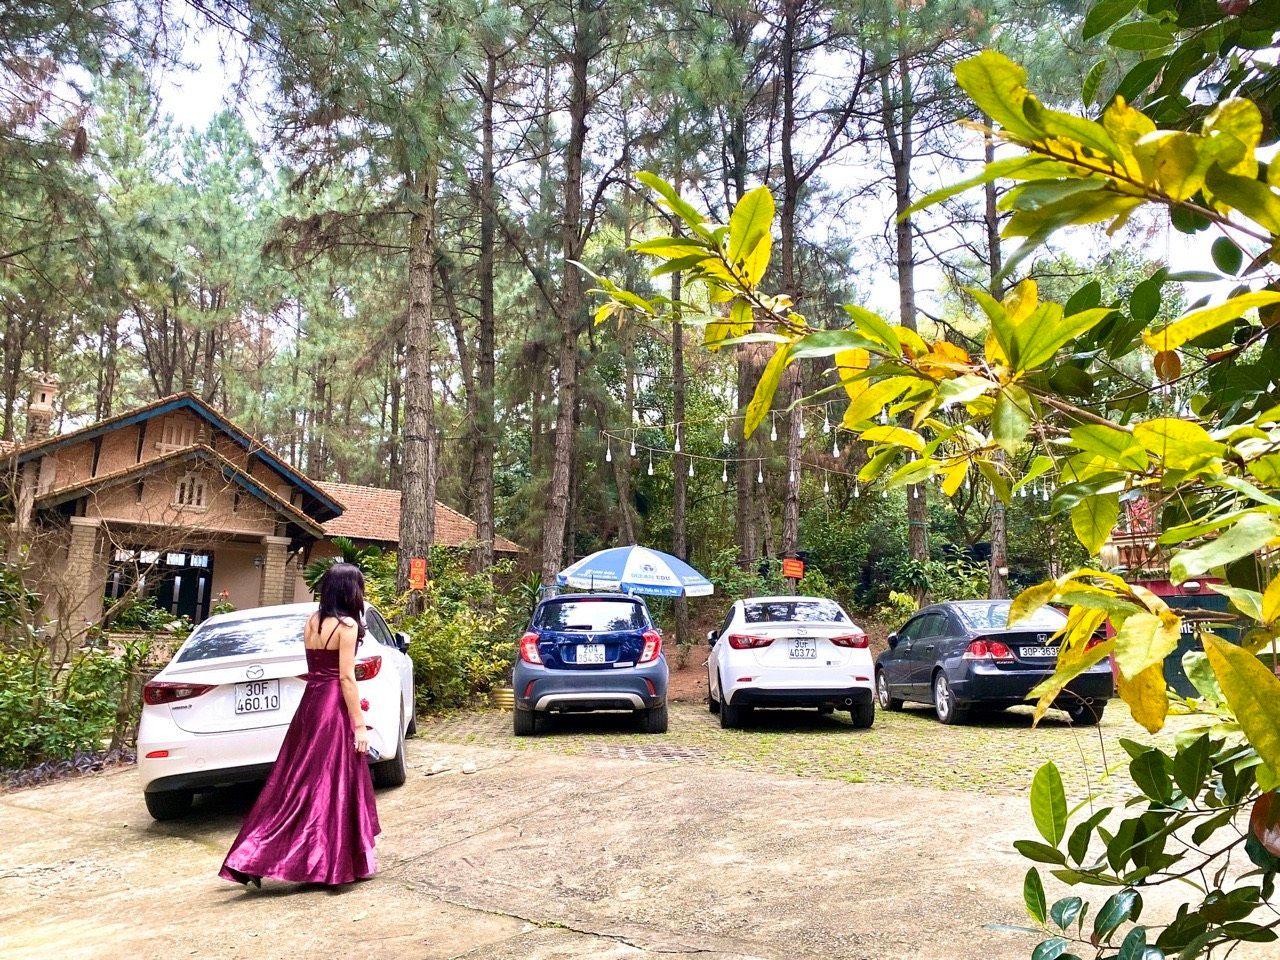 khong-gian-villa-2-pine-hill-villas-camping-homestay-soc-son-ha-noi-05